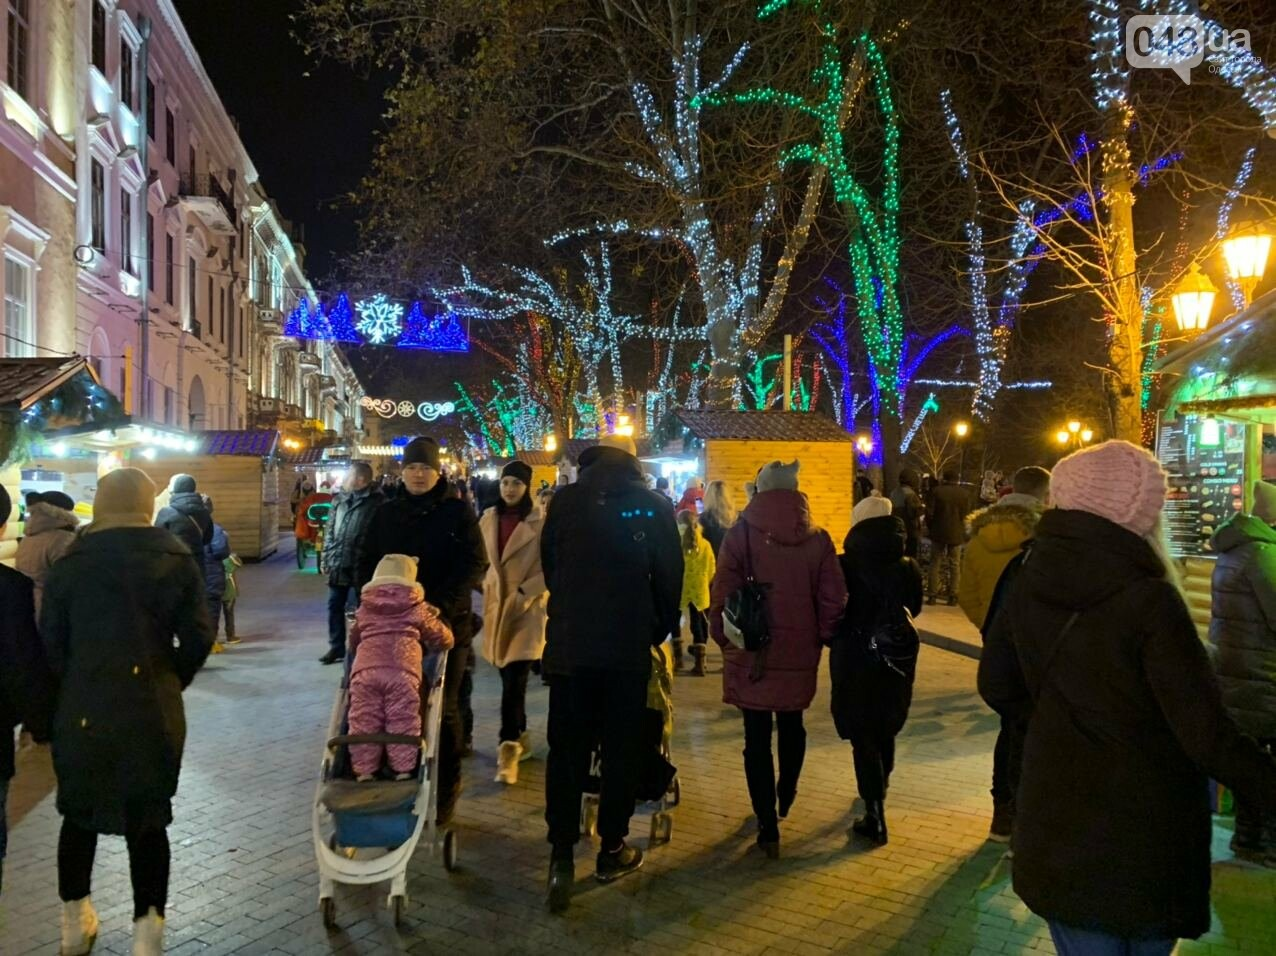 Фоторепортаж: В Одессе зажгли главную елку города, - ФОТО, ВИДЕО, фото-9